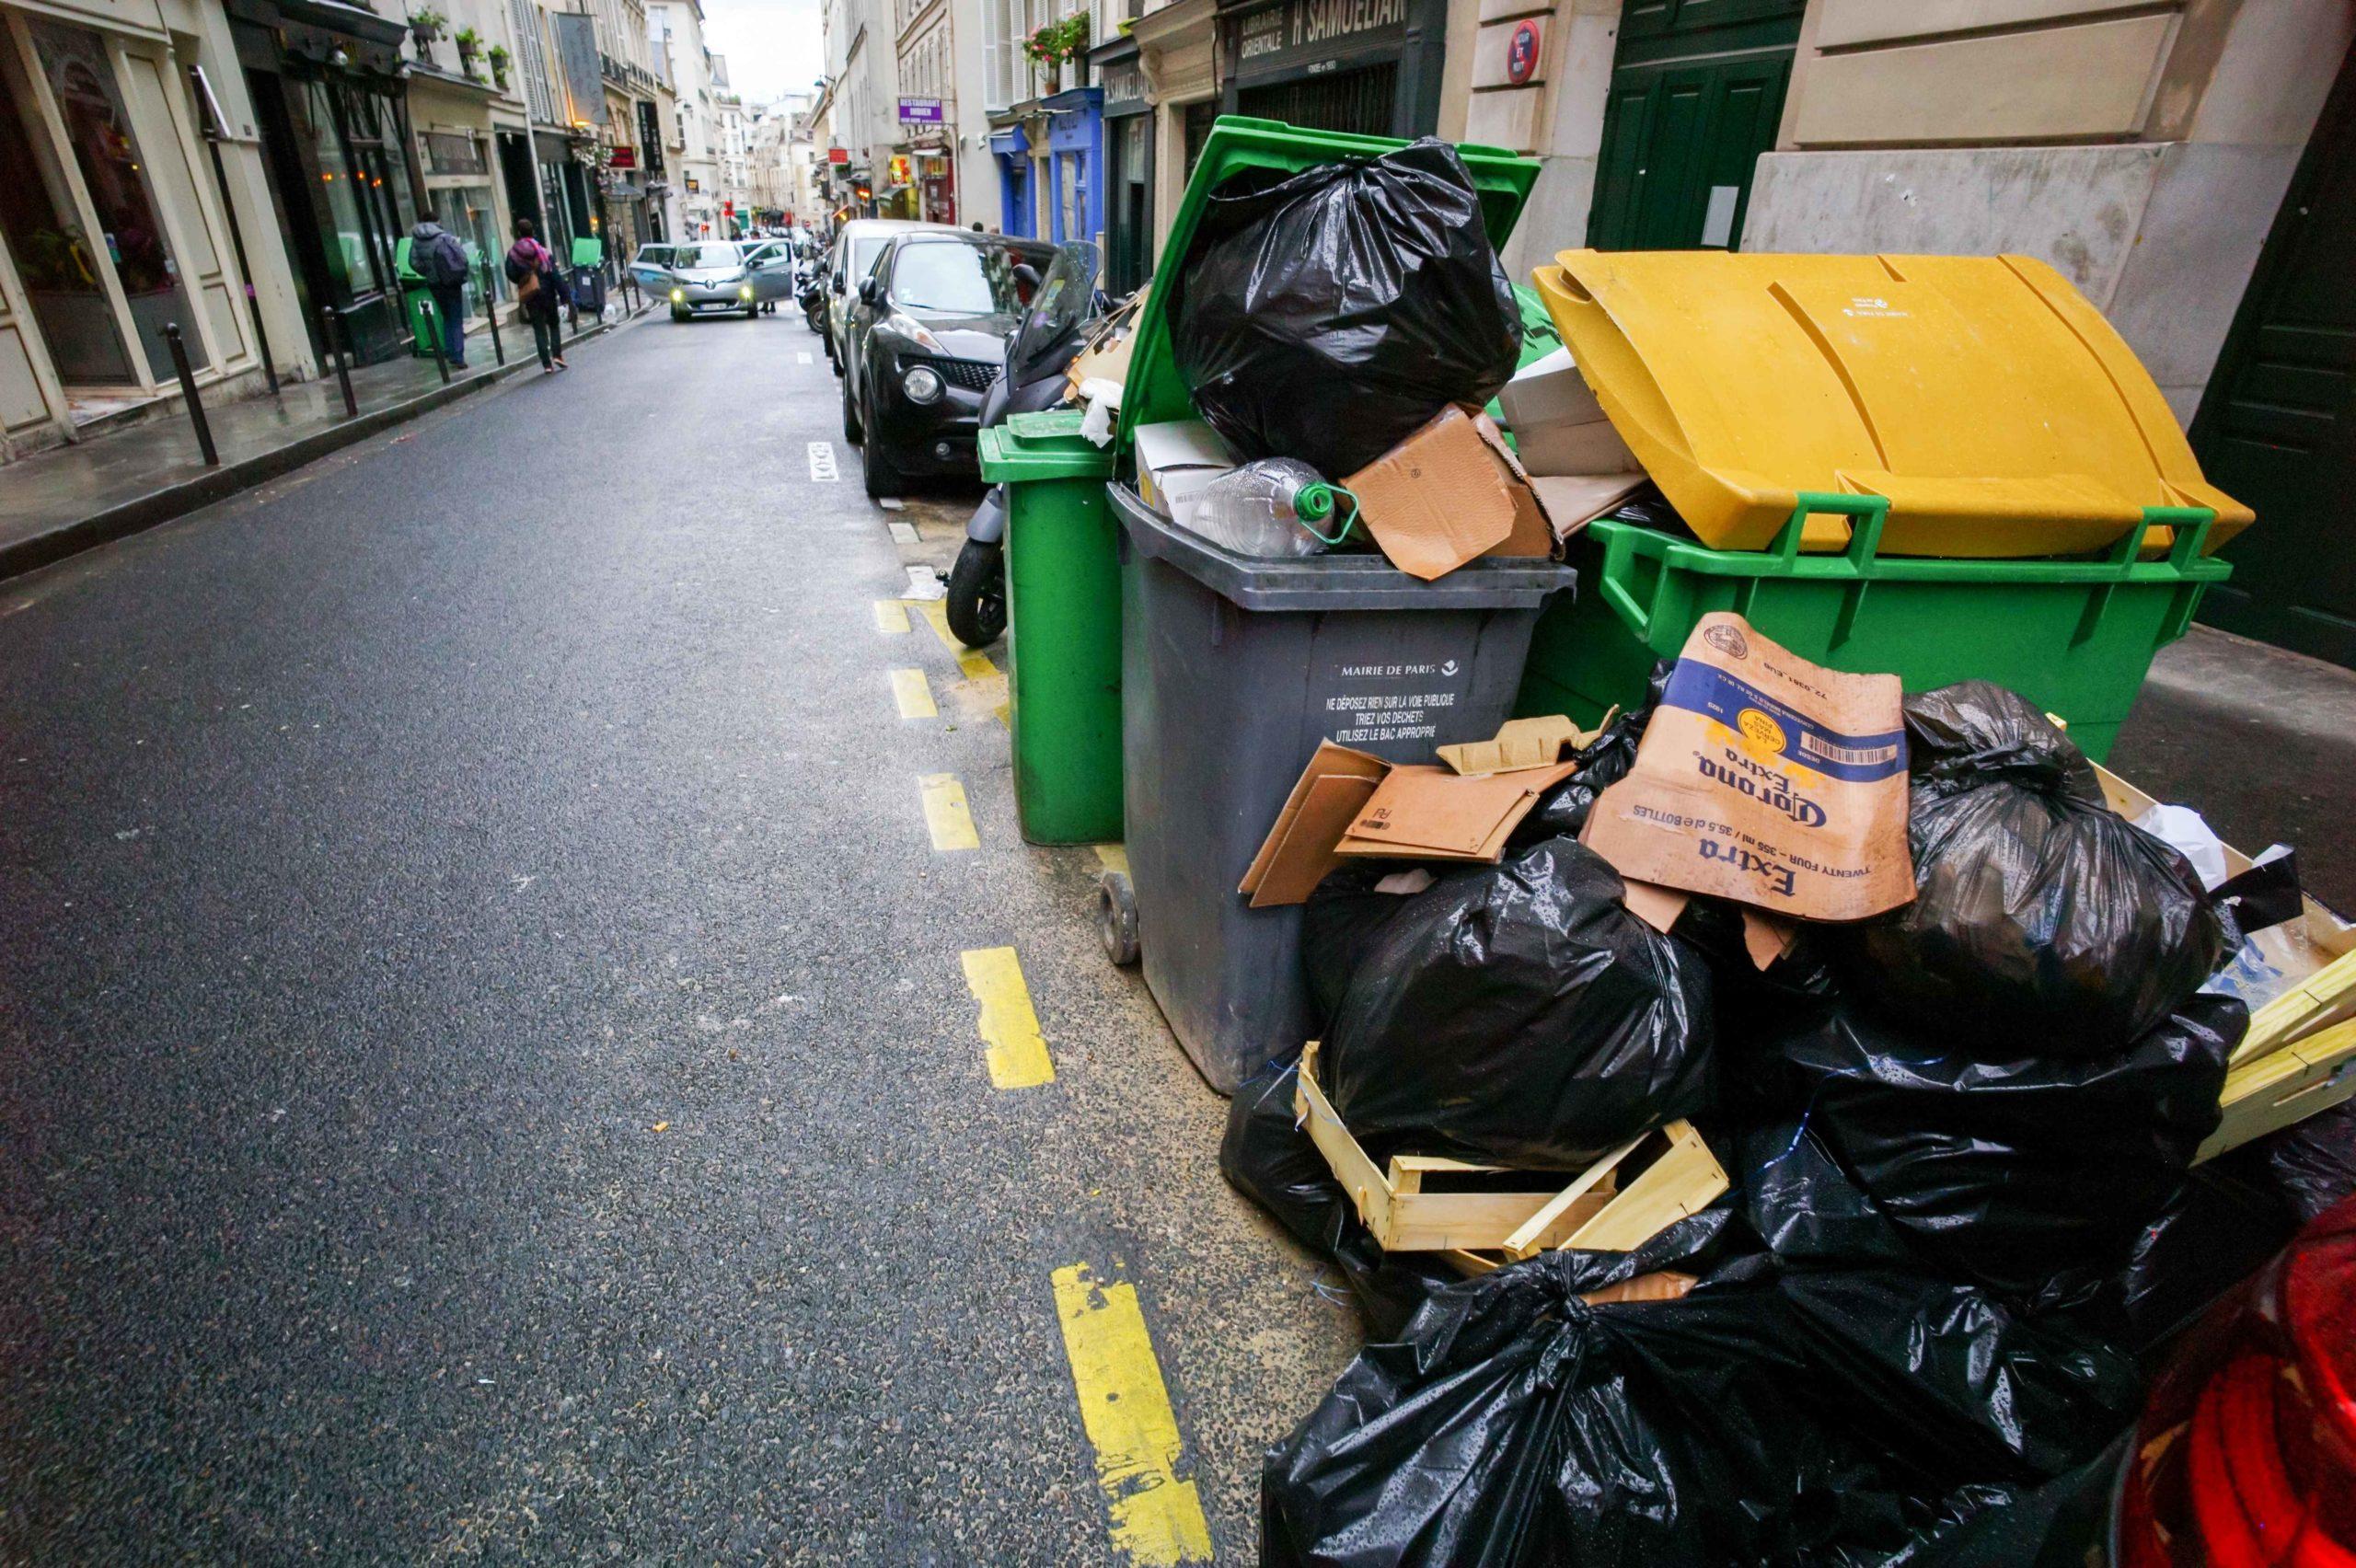 Les effets de la grève sont visibles dans les rues de Paris. © Michel Stoupak. Dim 02.02.2020, 15:38:53.